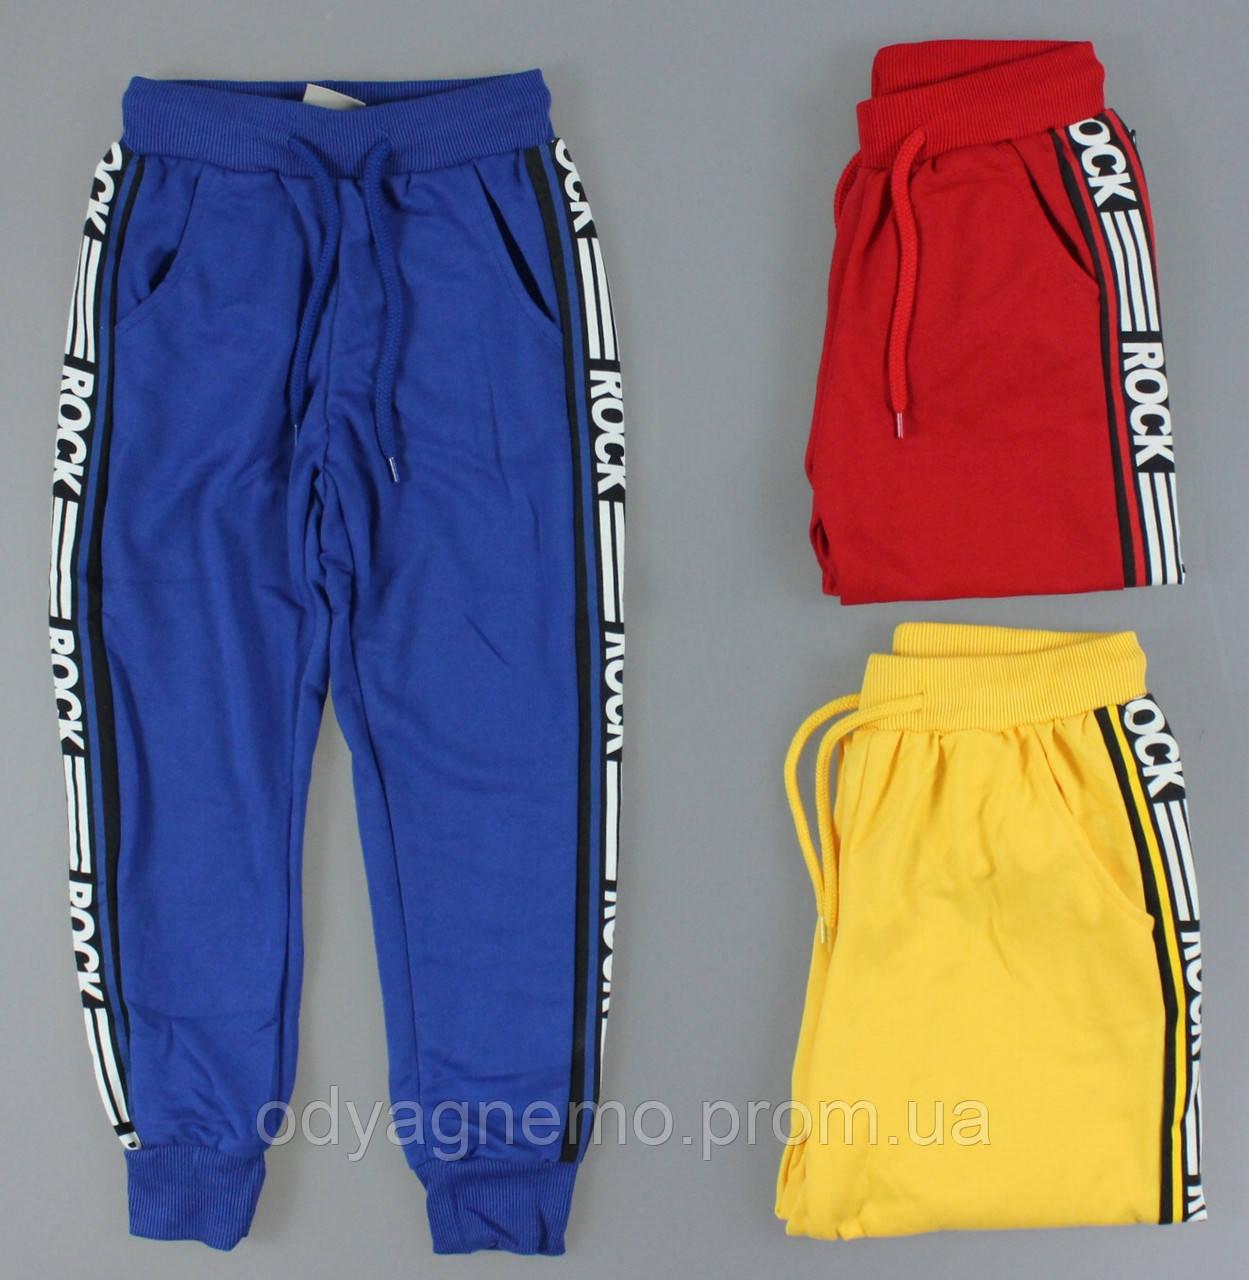 Спортивные брюки для мальчиков Glo-Story оптом, 110-160 рр.